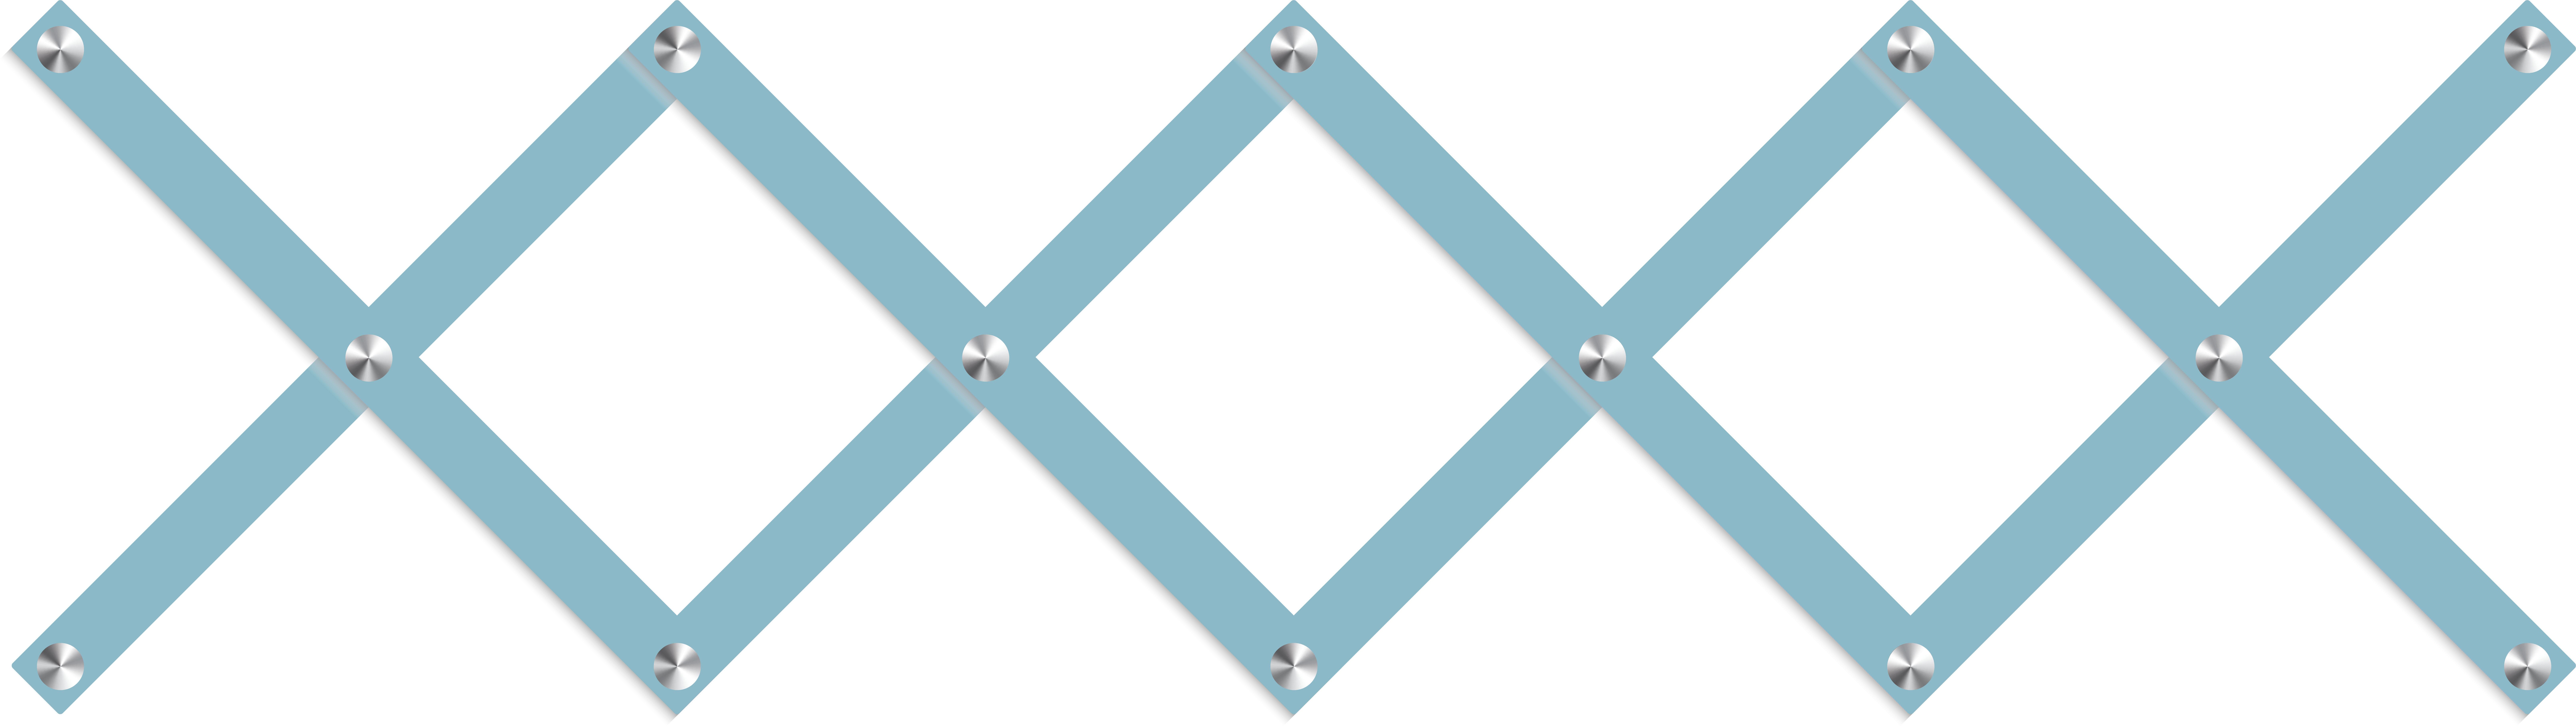 queence Garderobenleiste »Julius«, 14 Haken & 8 Garderobenleisten kaufen